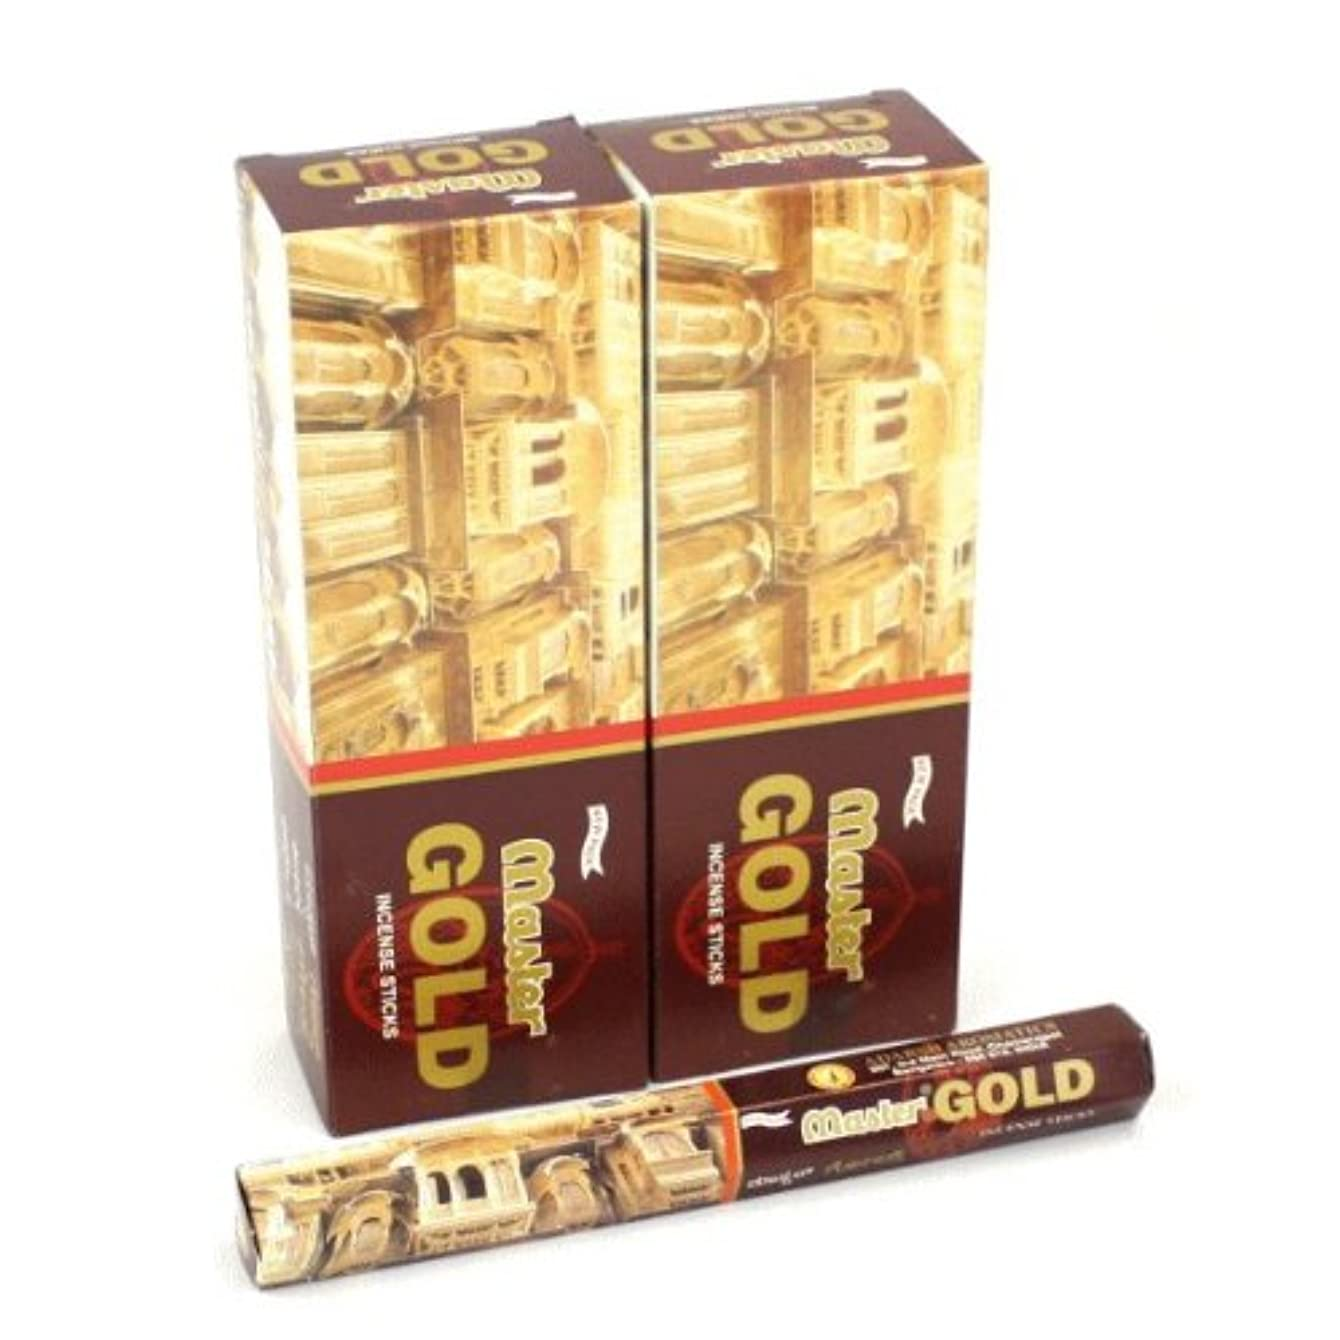 の脱臼する主要なADARSH マスターゴールド香 スティック ヘキサパック(六角) 12箱セット MASTER GOLD